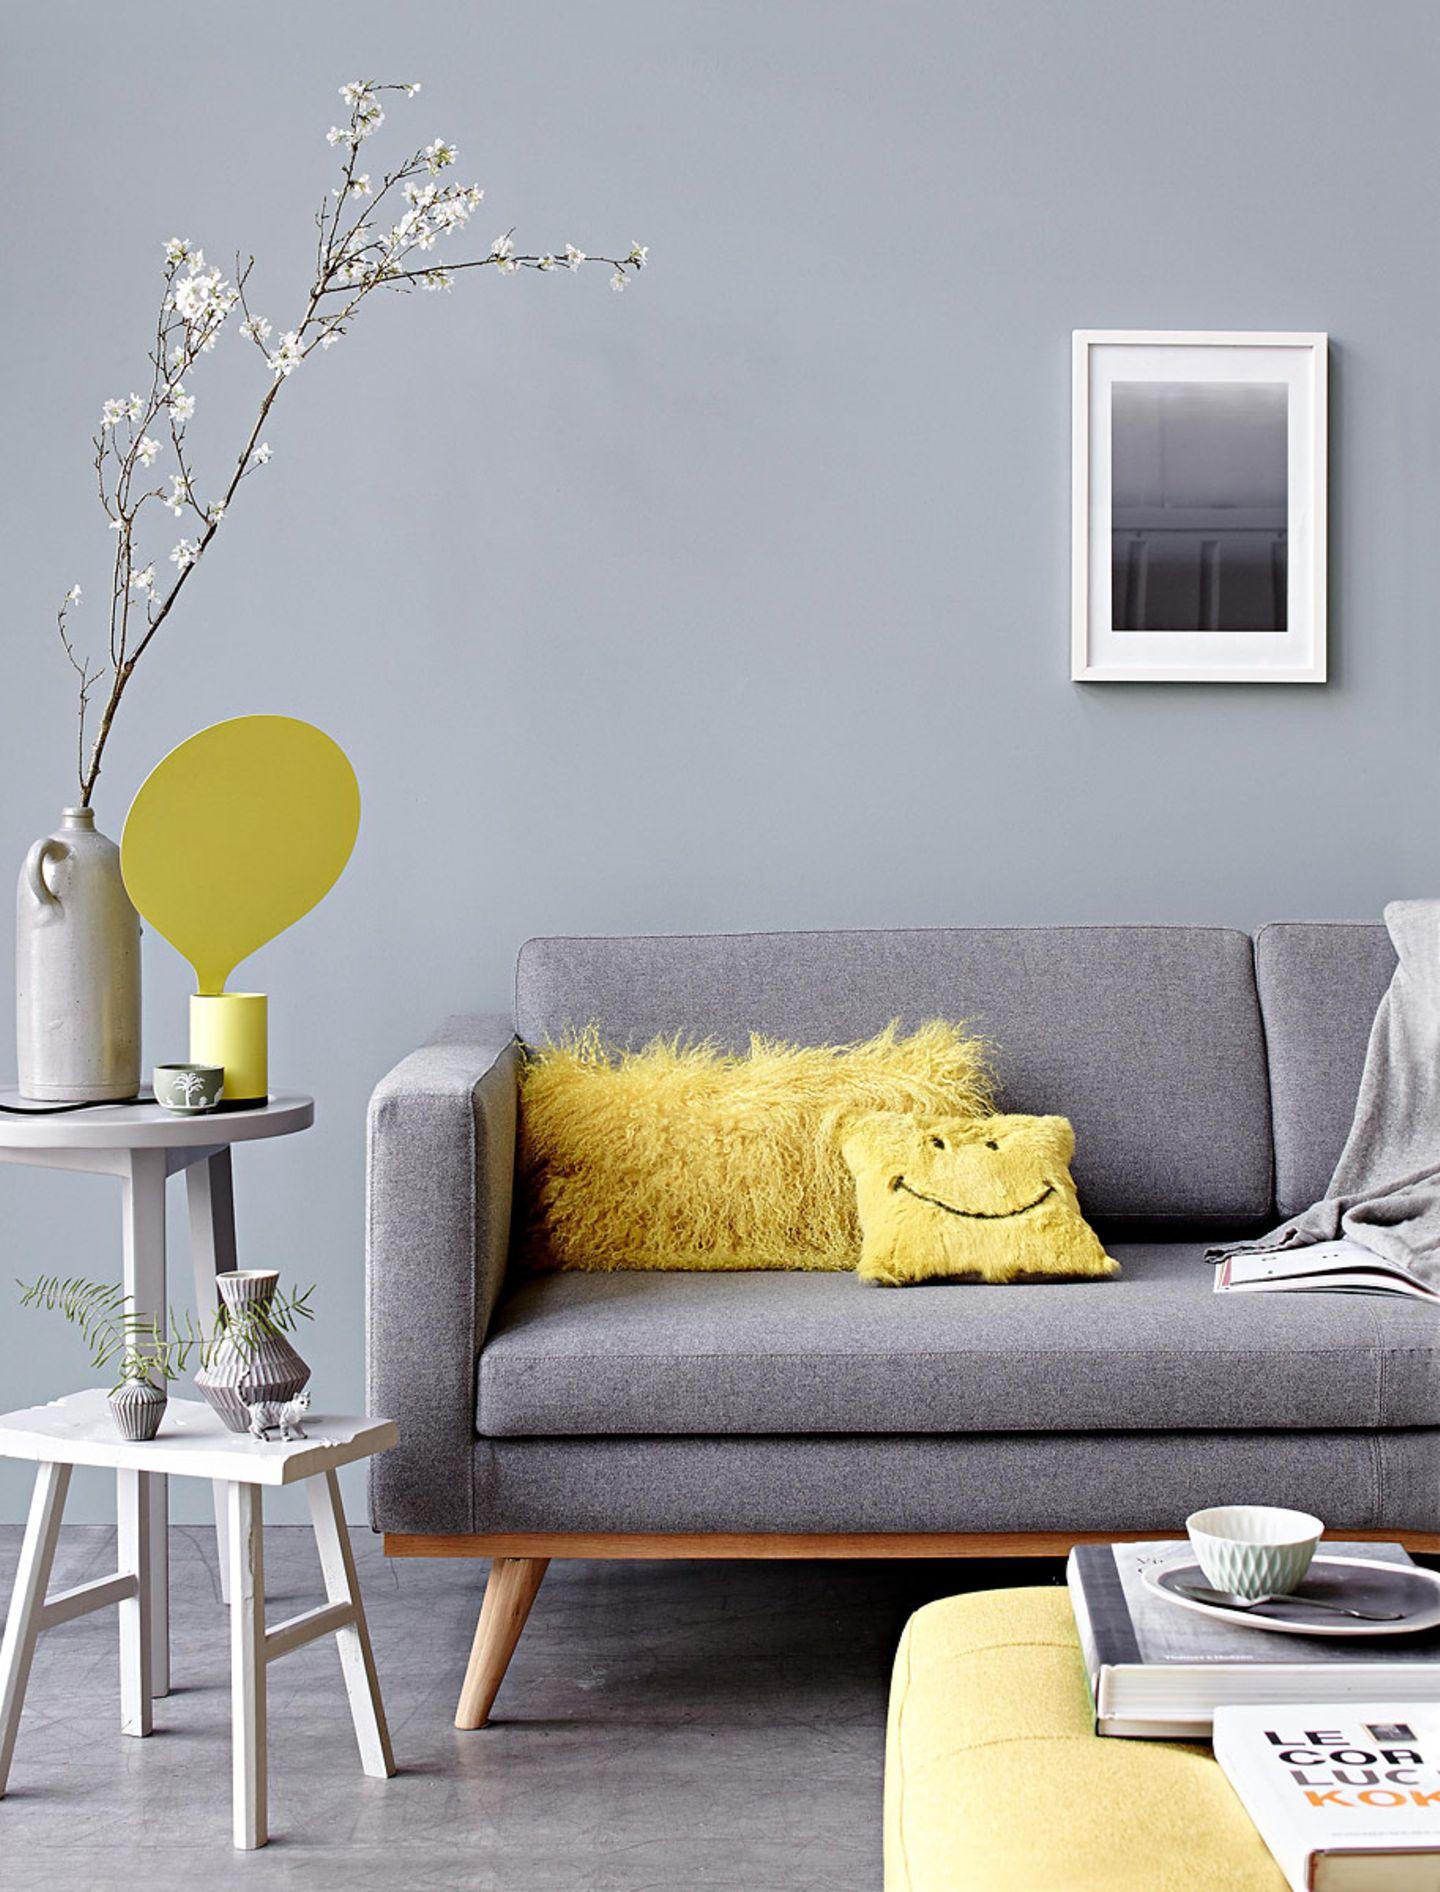 Gelbe Akzente peppen die Sitzecke auf